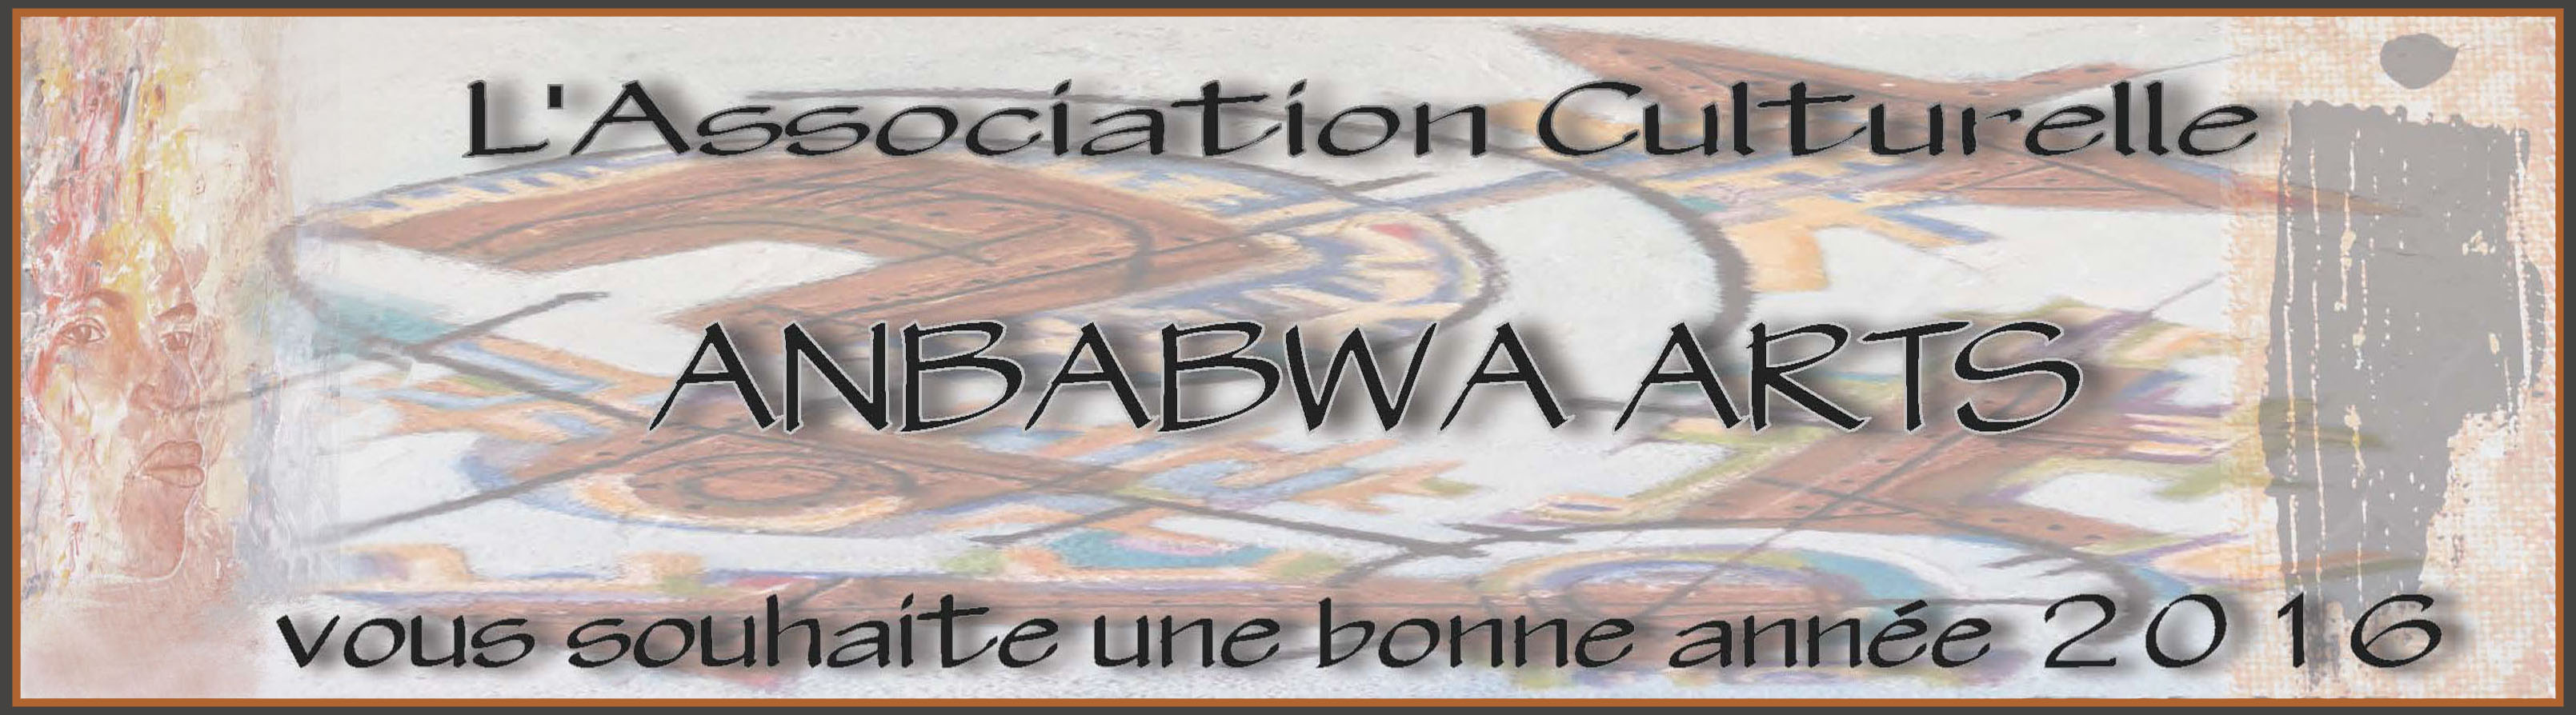 carte de voeux ANBABWA